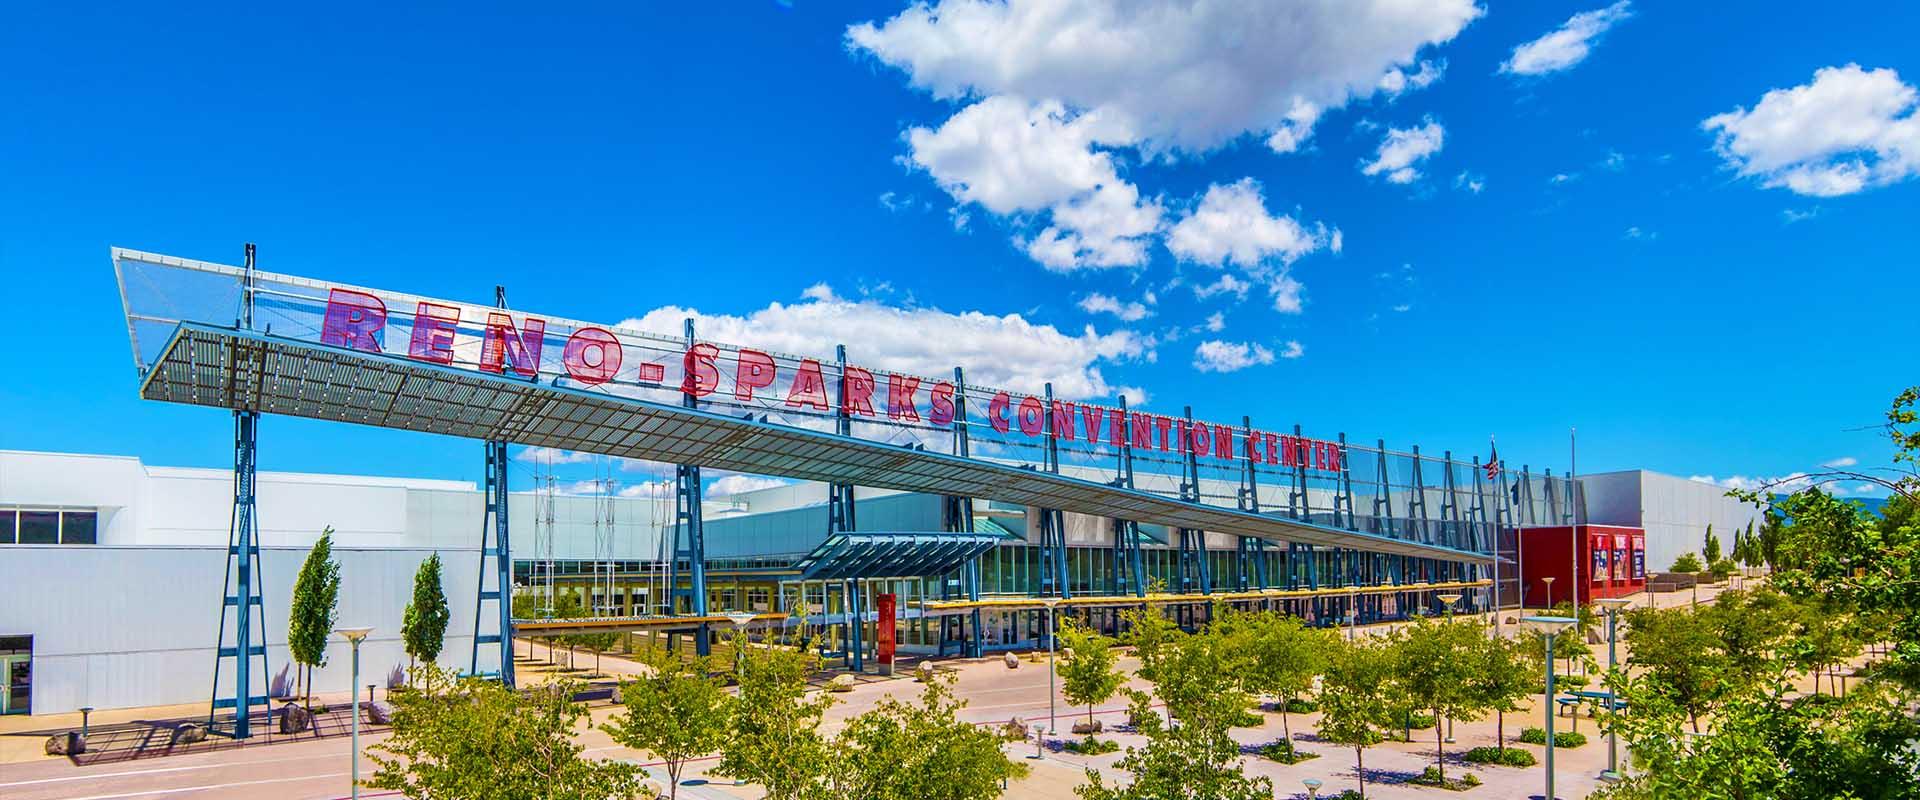 Reno-Sparks Convention Center - Event Venues in North America